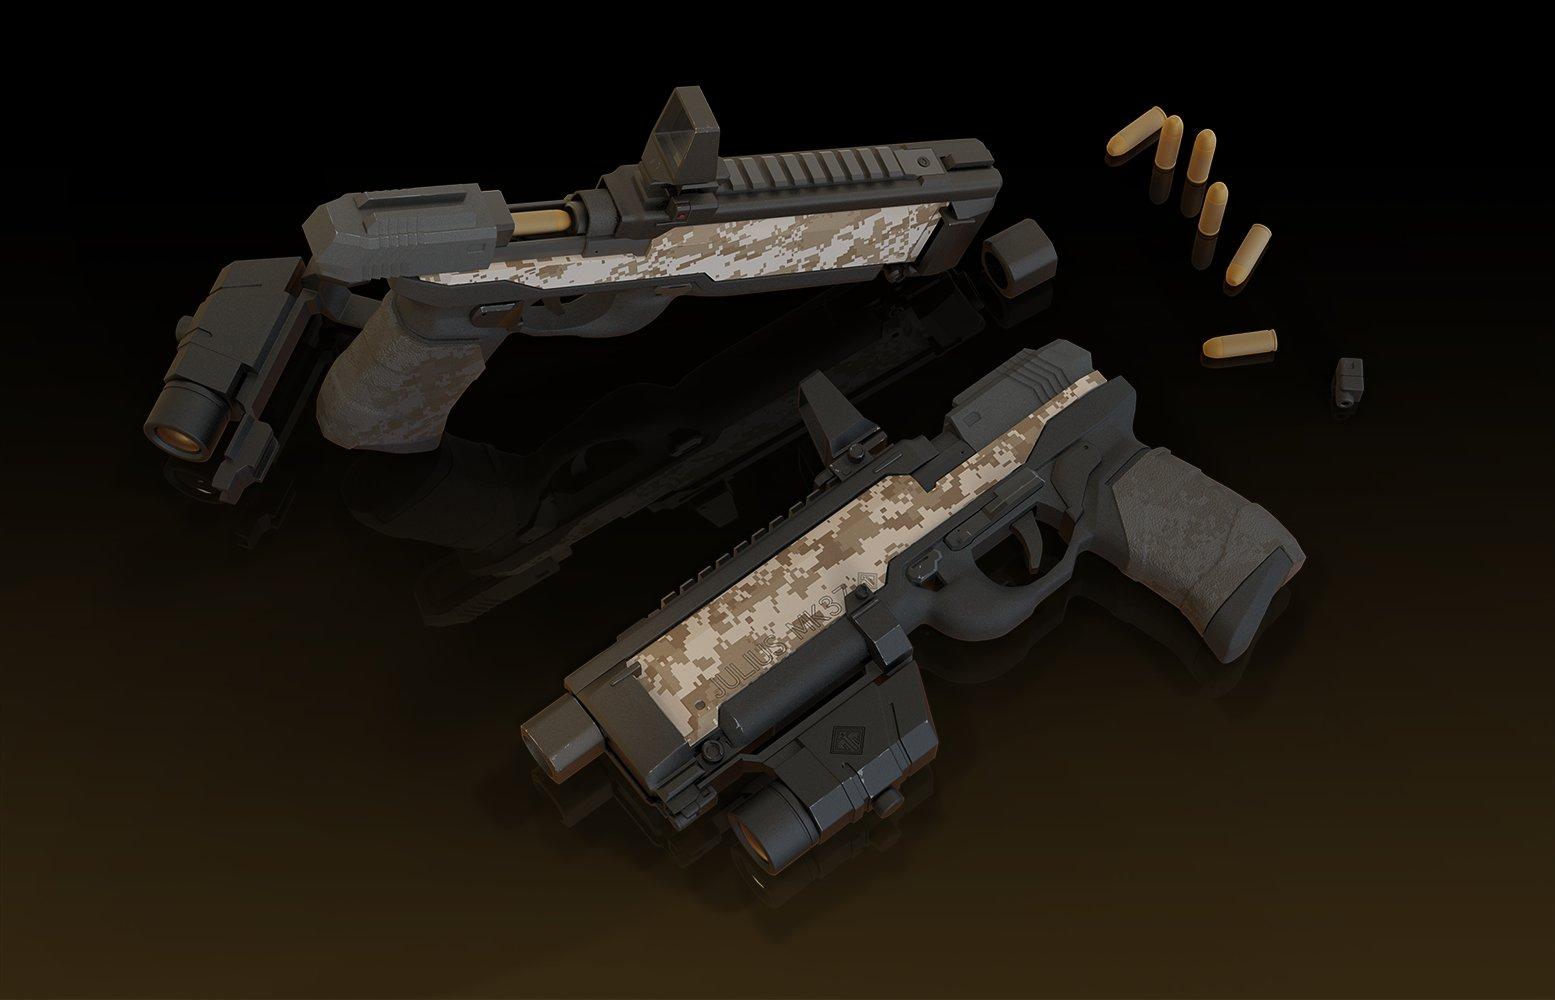 Il kim part add scene retake1 pistol 165